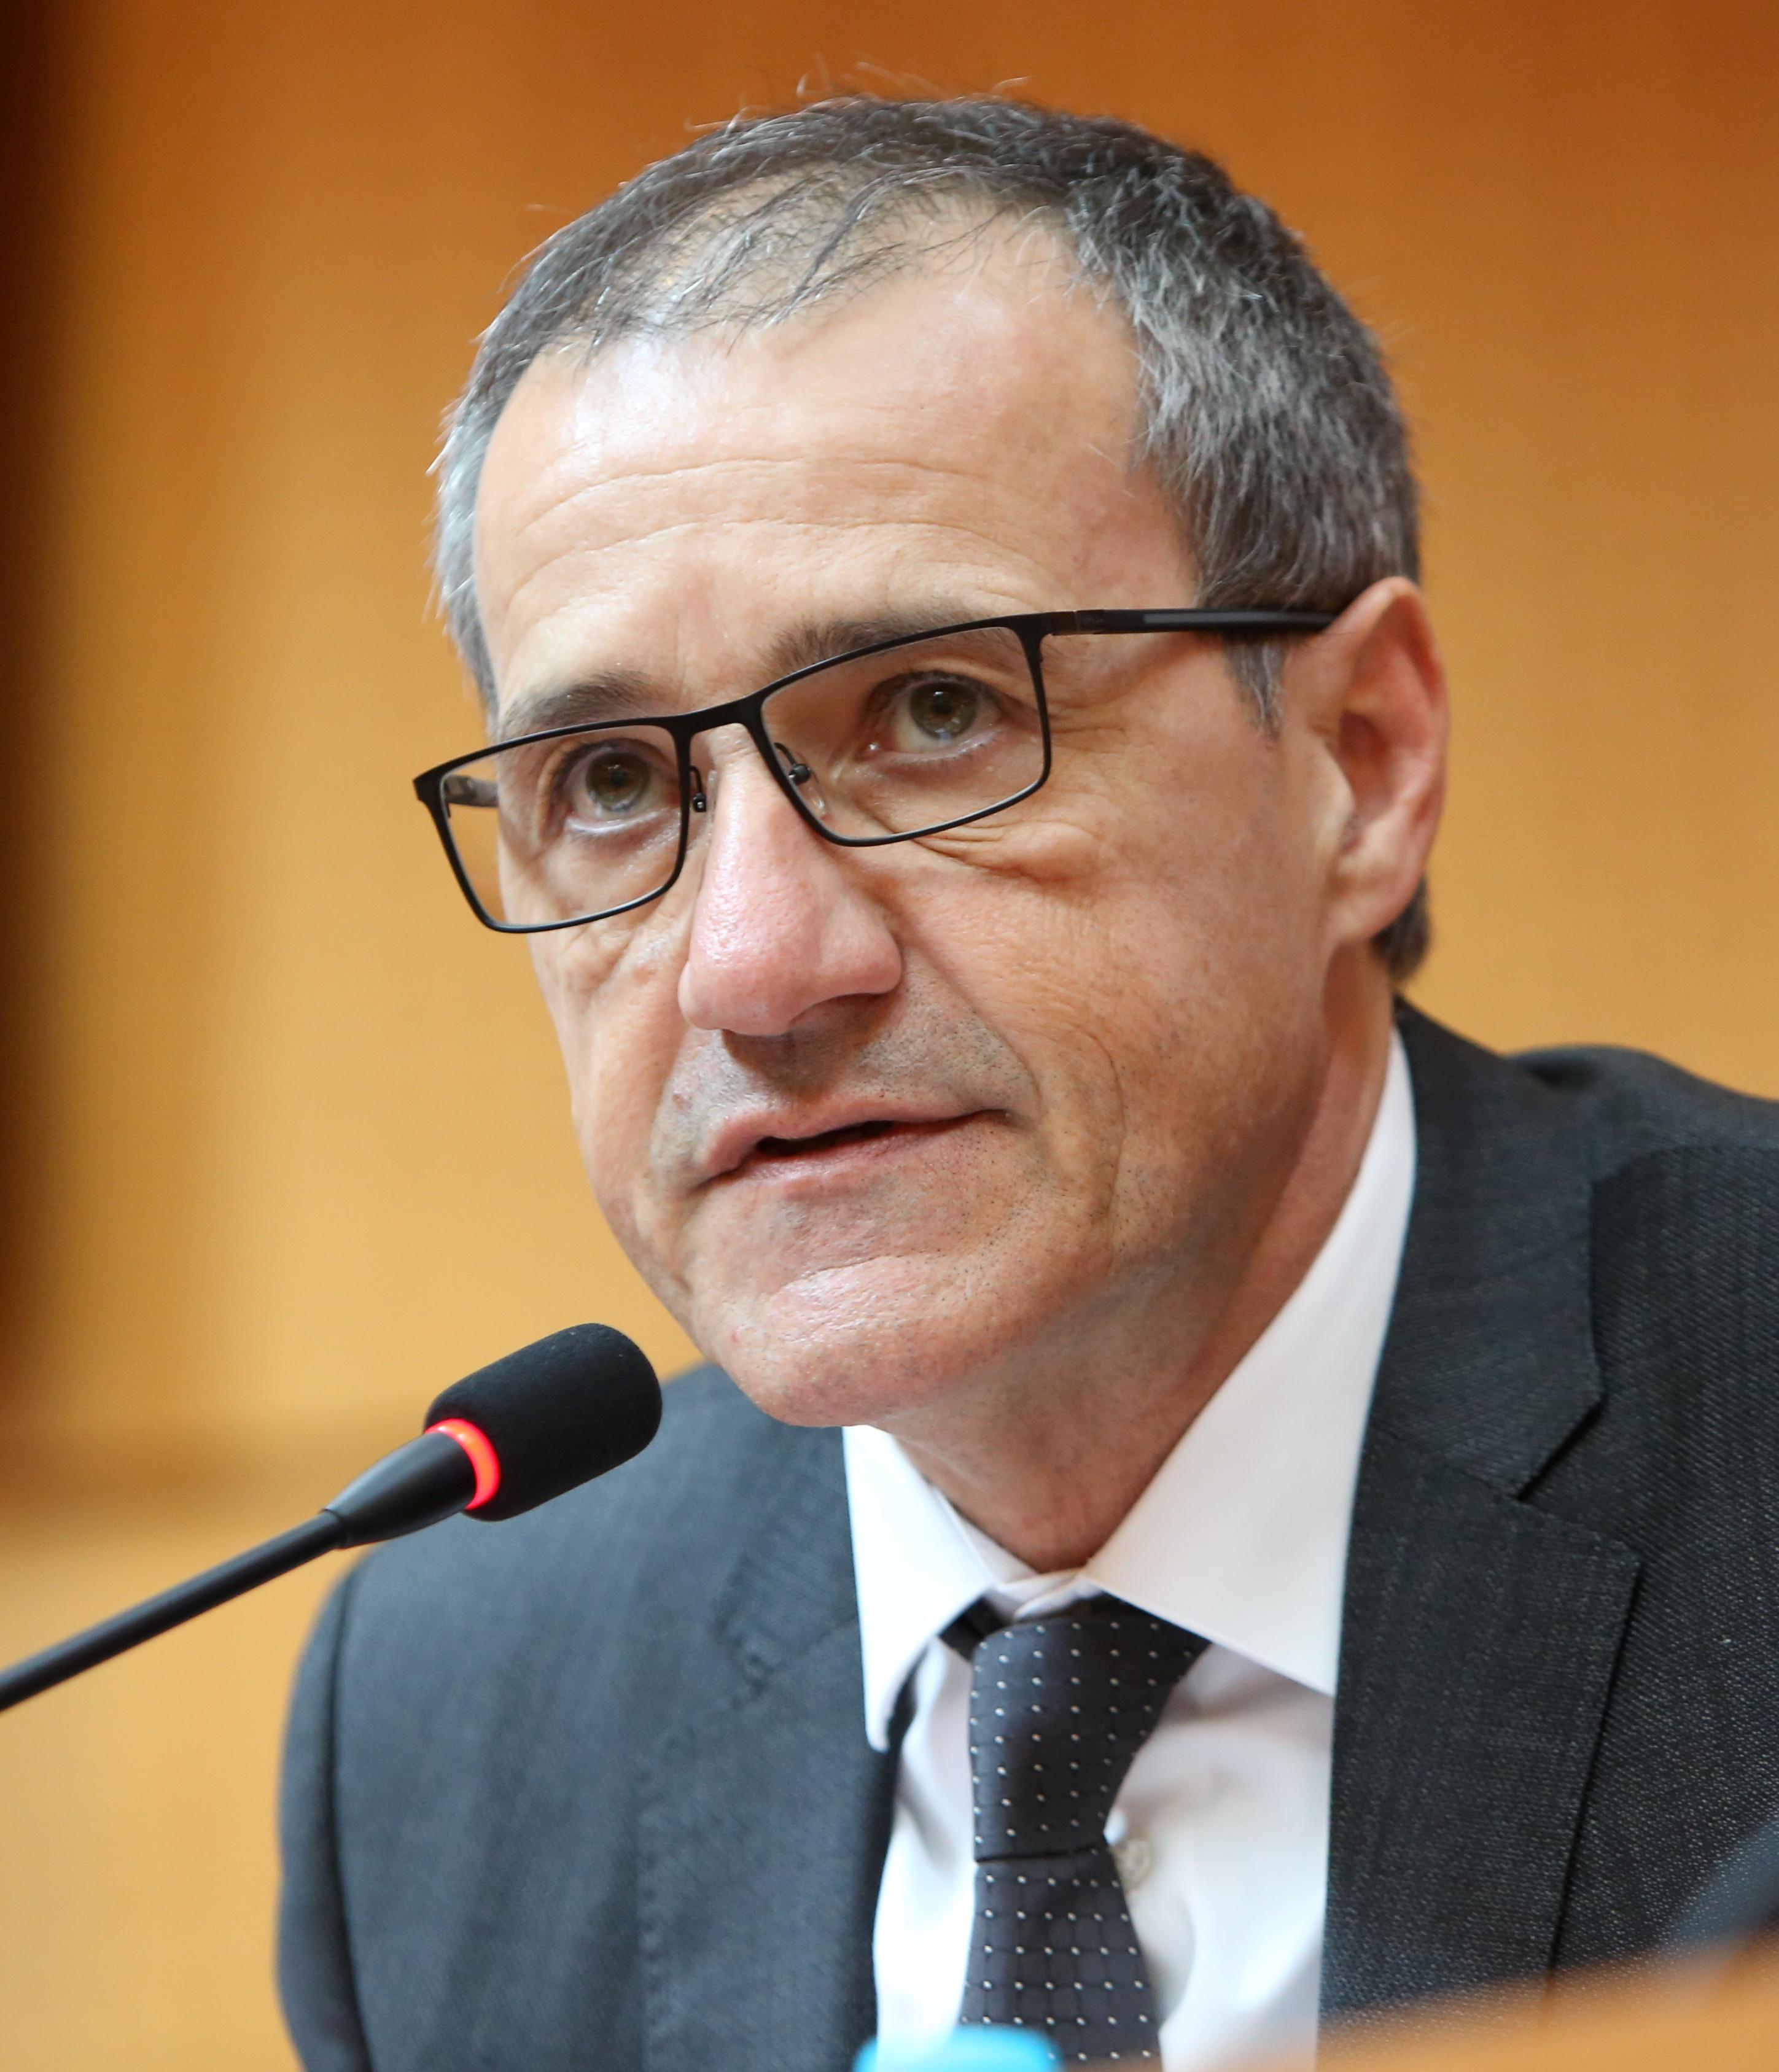 Diversité culturelle : Jean-Guy Talamoni prend acte mais…